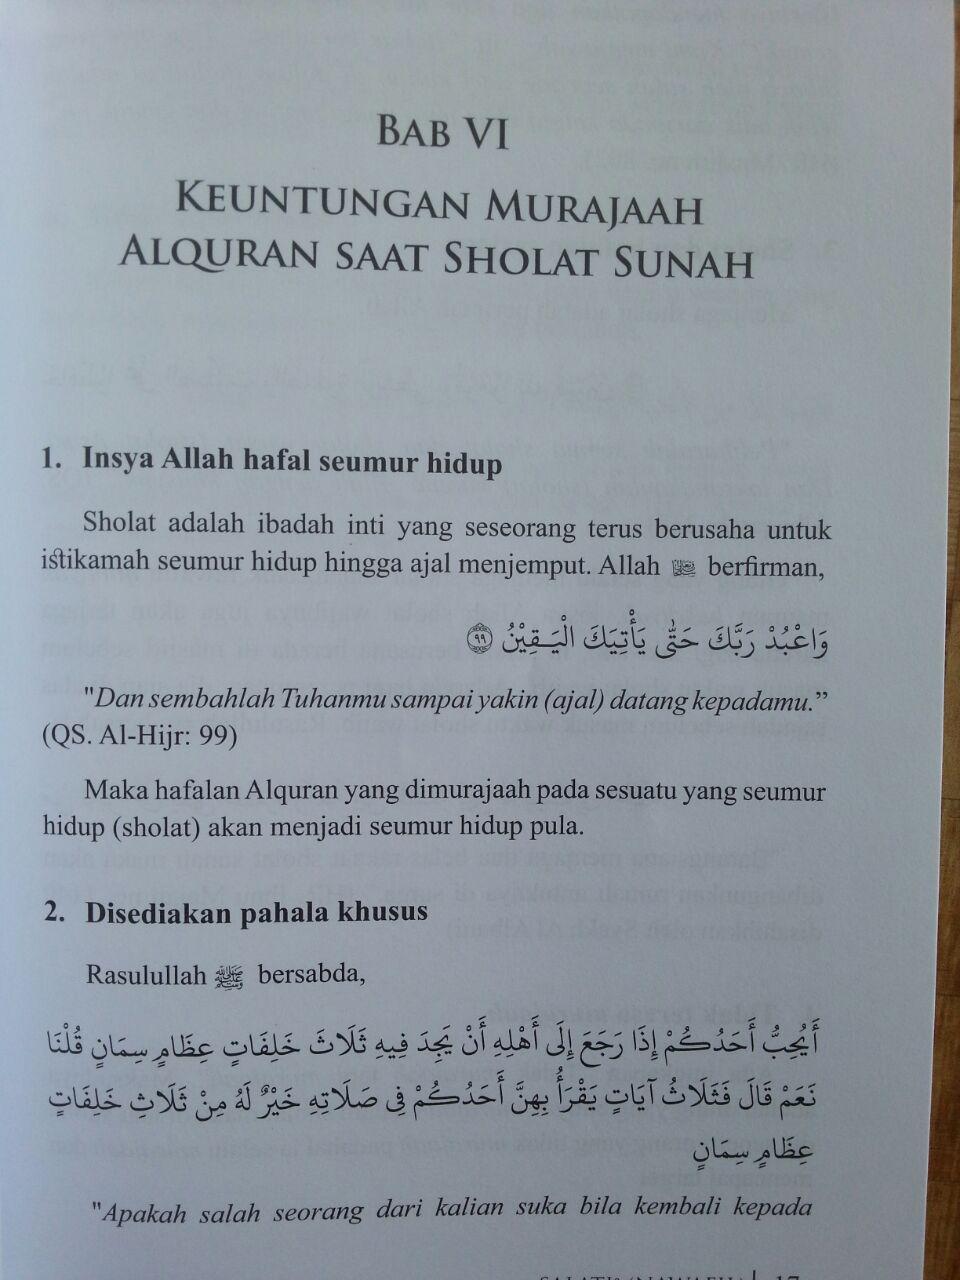 Buku Sholati Ila Mamati Metode Penerapan Murajaah Alquran Pada Sholat Sunnah isi 3